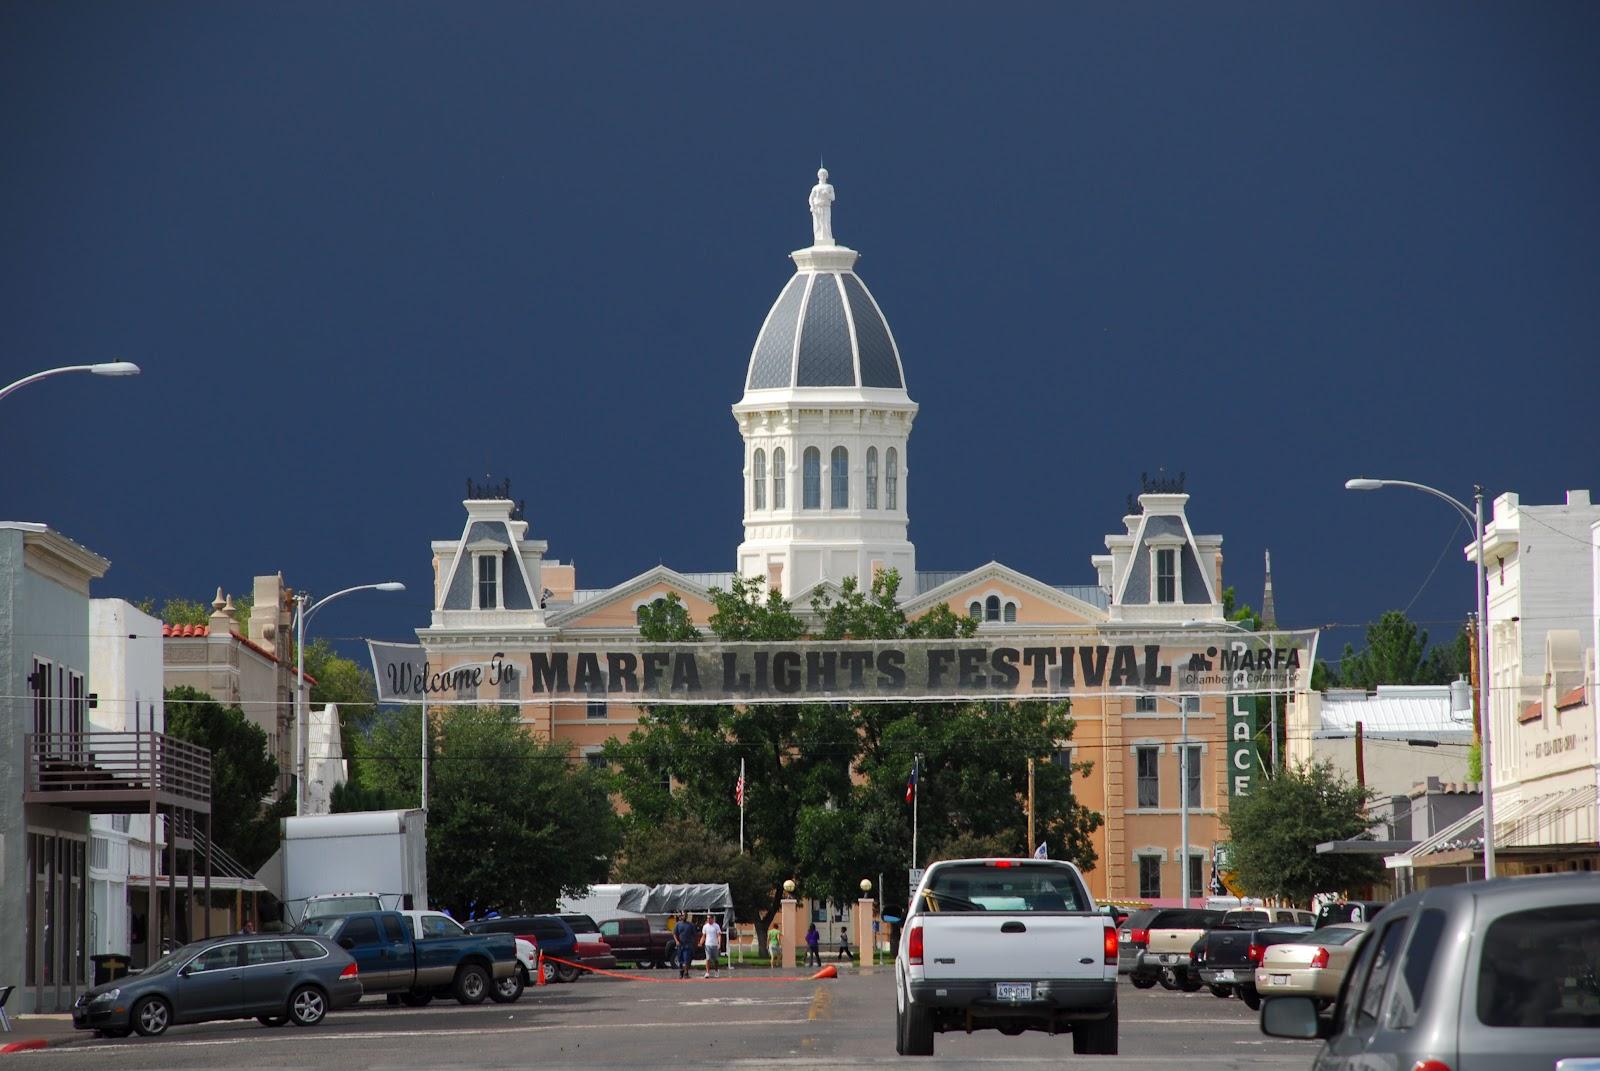 115-119 N Highland Avenue, Marfa, TX 79843